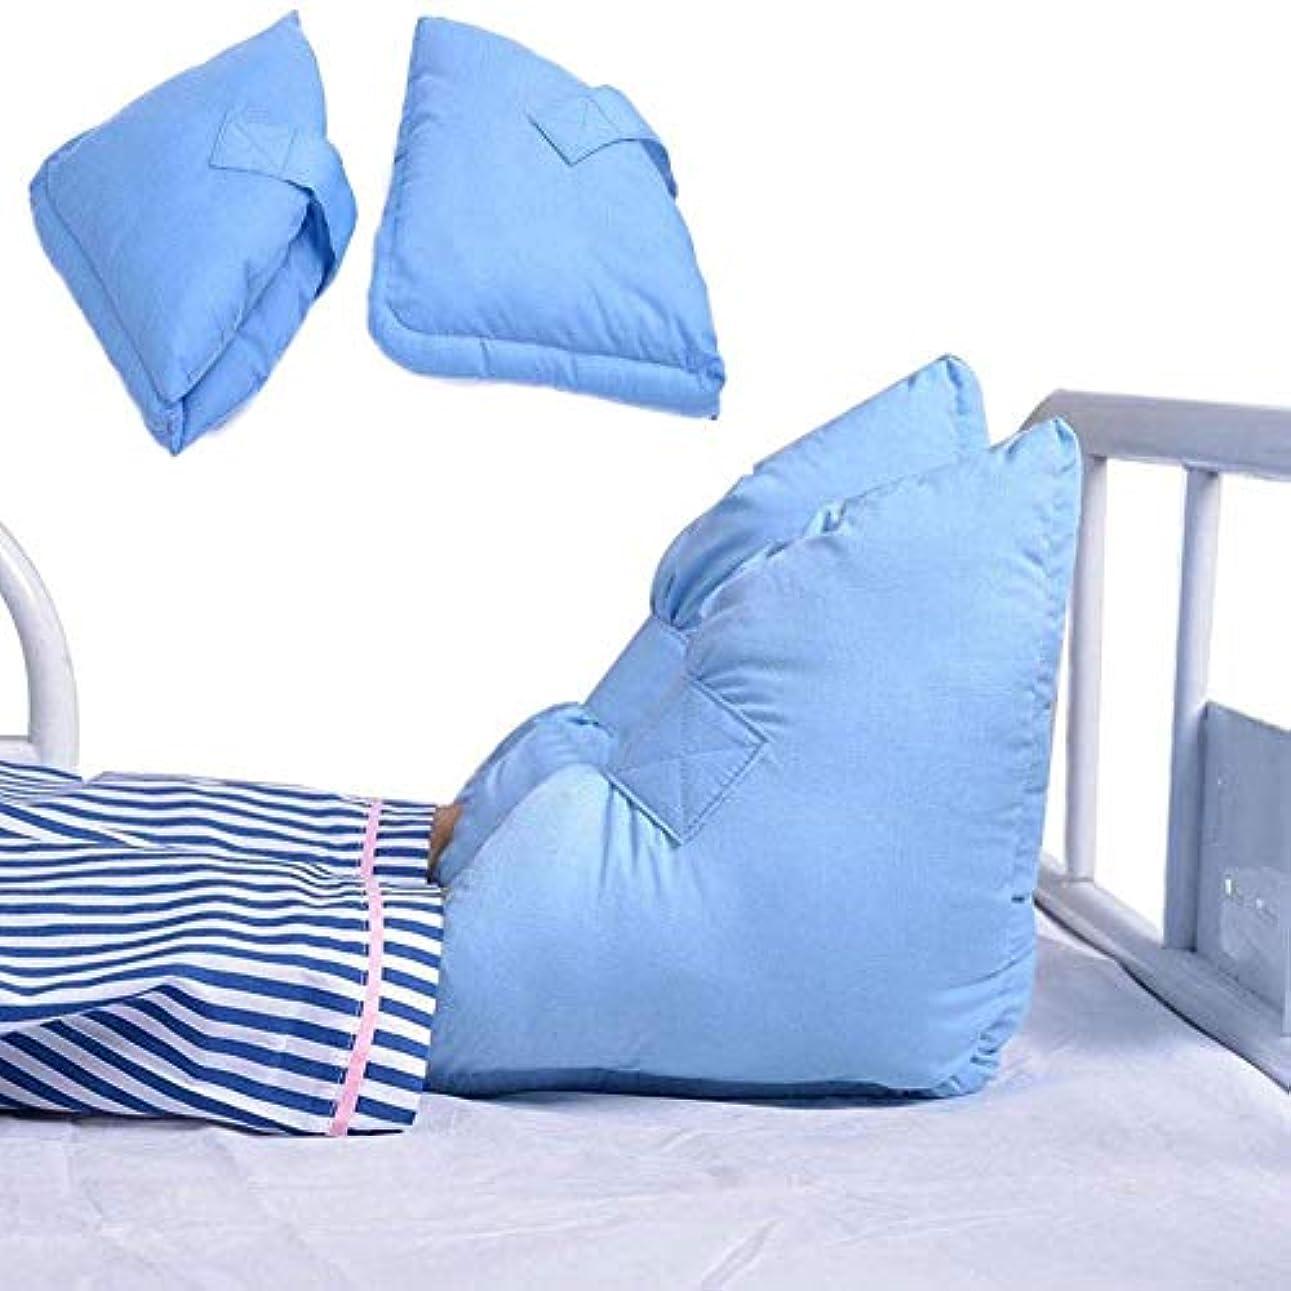 1ペア抗褥瘡ヒールプロテクター枕 - 男性と女性のための褥瘡とかかと潰瘍の軽減のための足首保護クッション